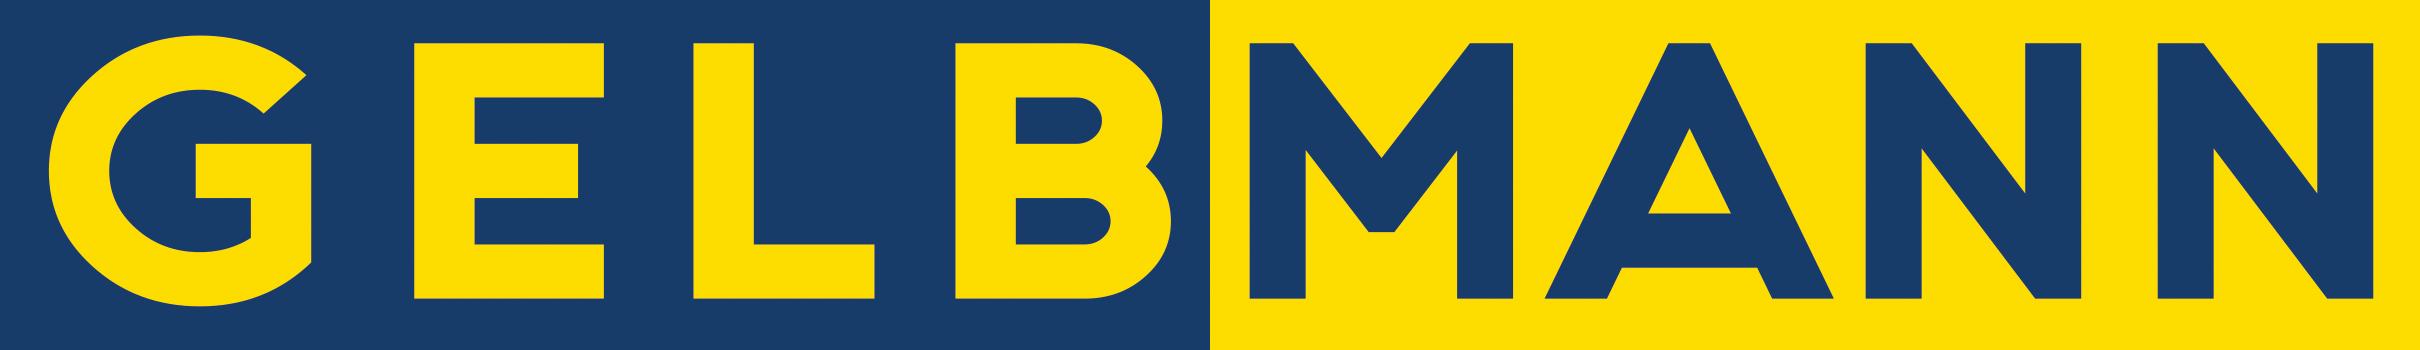 Gelbmann - Baustoffe Logo